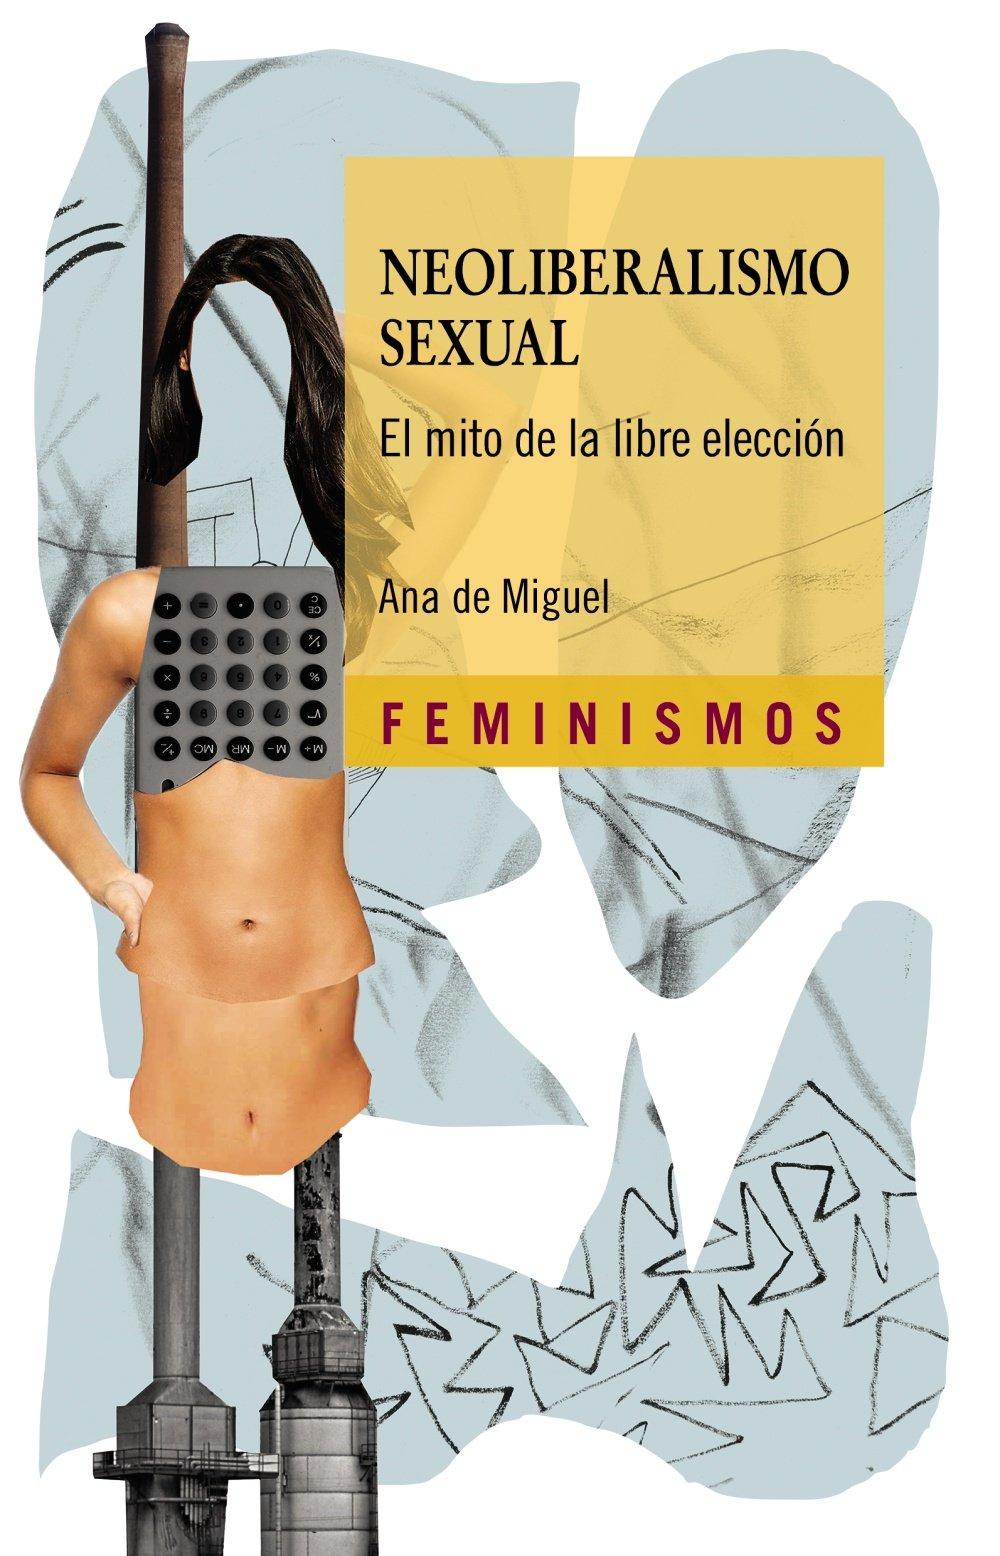 Neoliberalismo sexual. El mito de la libre elección, de Ana de Miguel